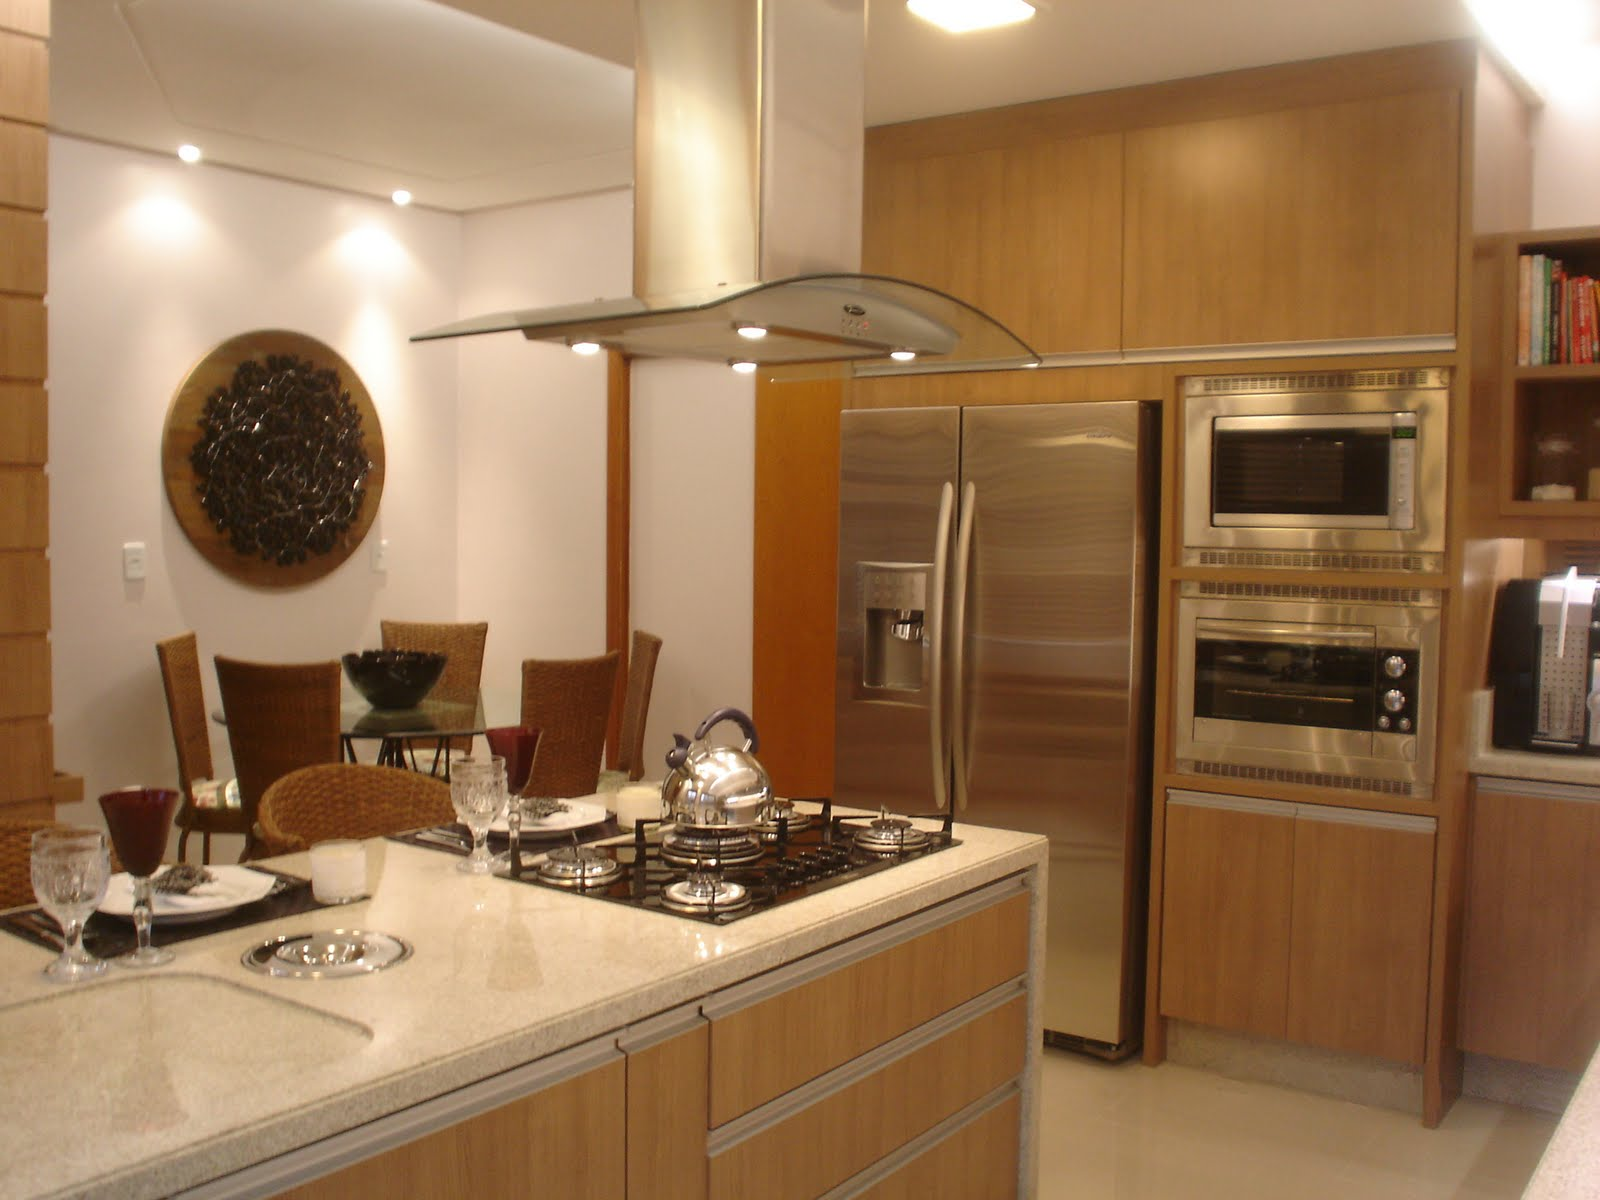 Cozinhas Planejadas Com Ilha E Coifa Um With Cozinhas Planejadas